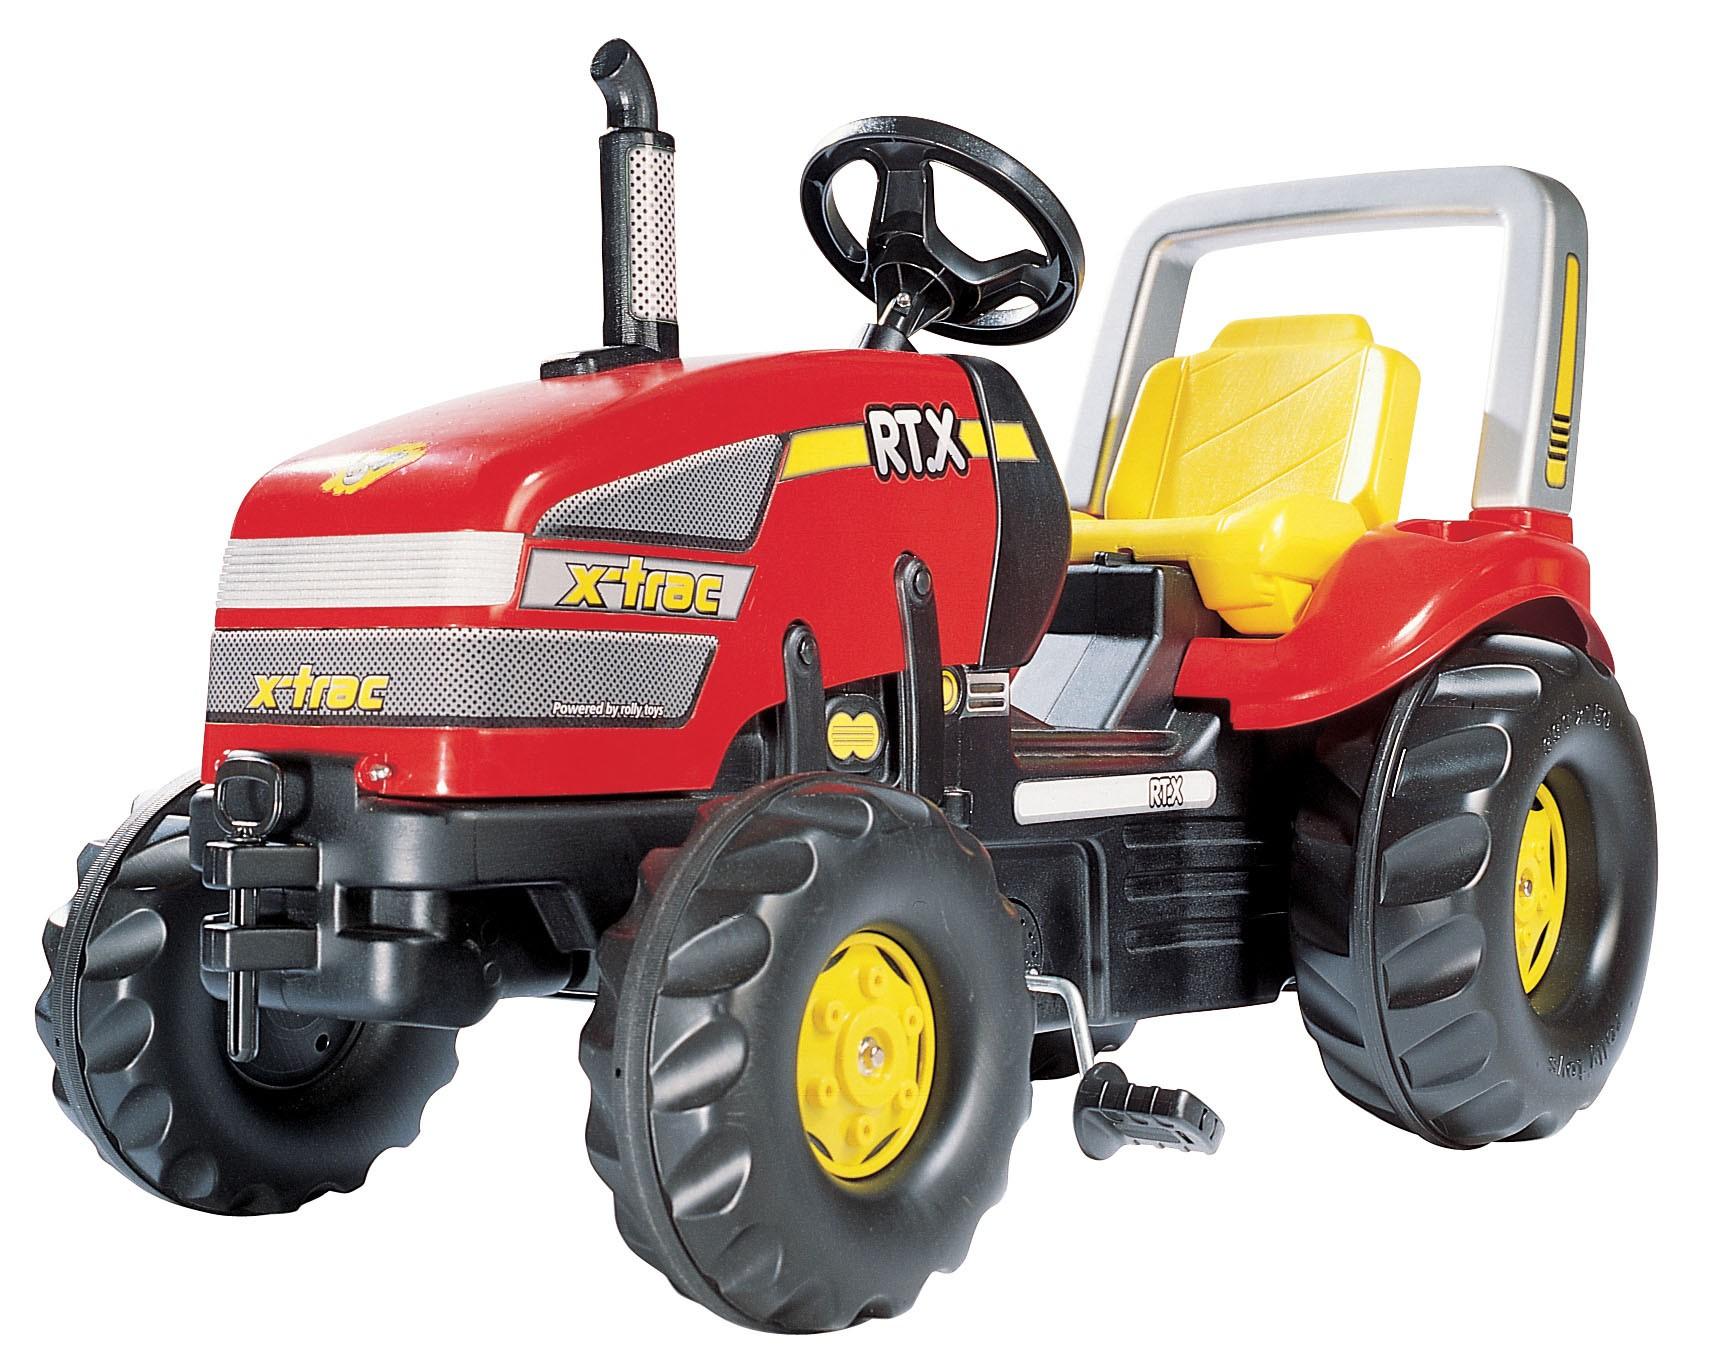 Frais Image A Colorier De Tracteur